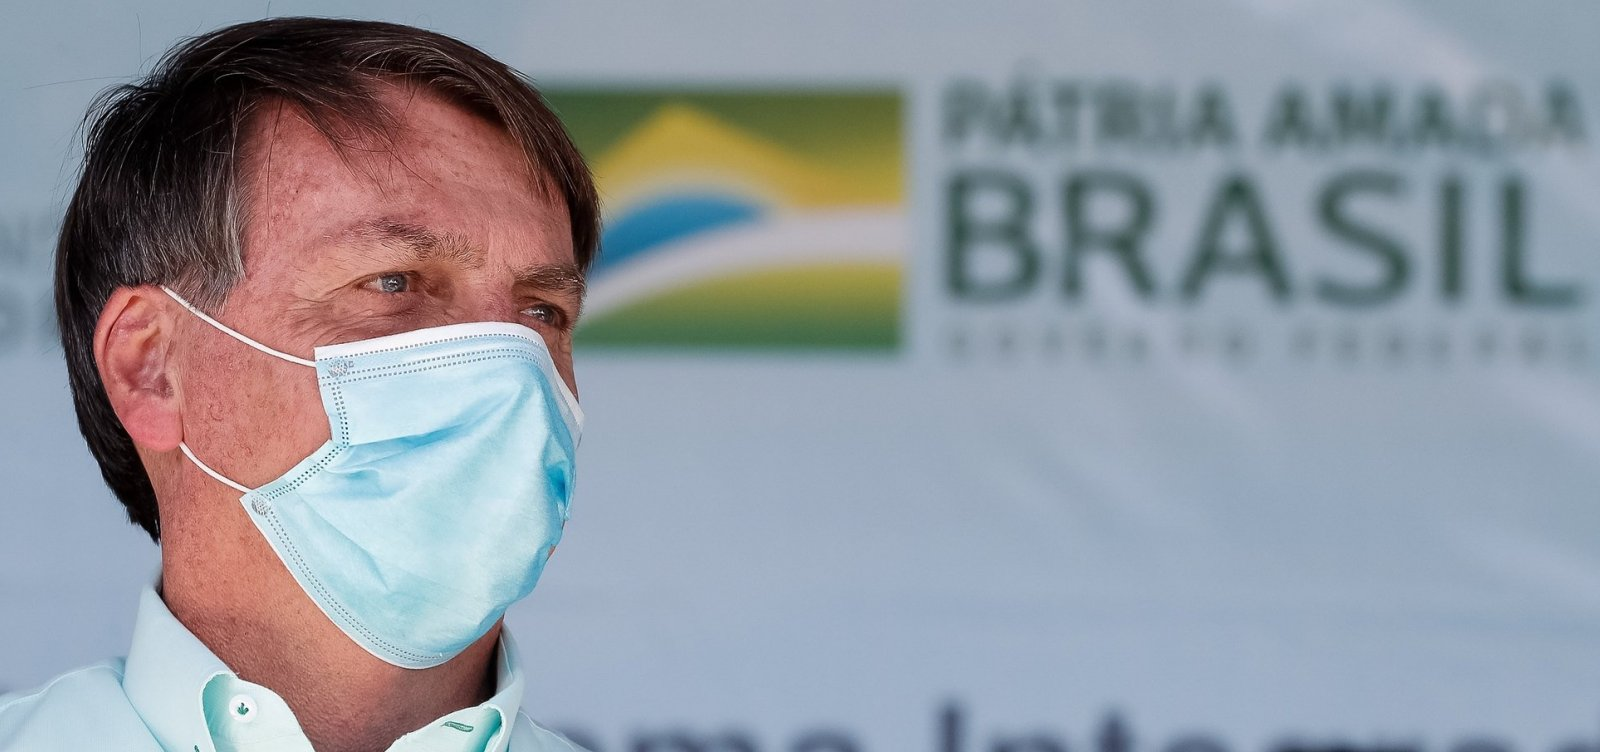 Paraná Pesquisas/BN: Bolsonaro tem reprovação de 64,3% em Salvador